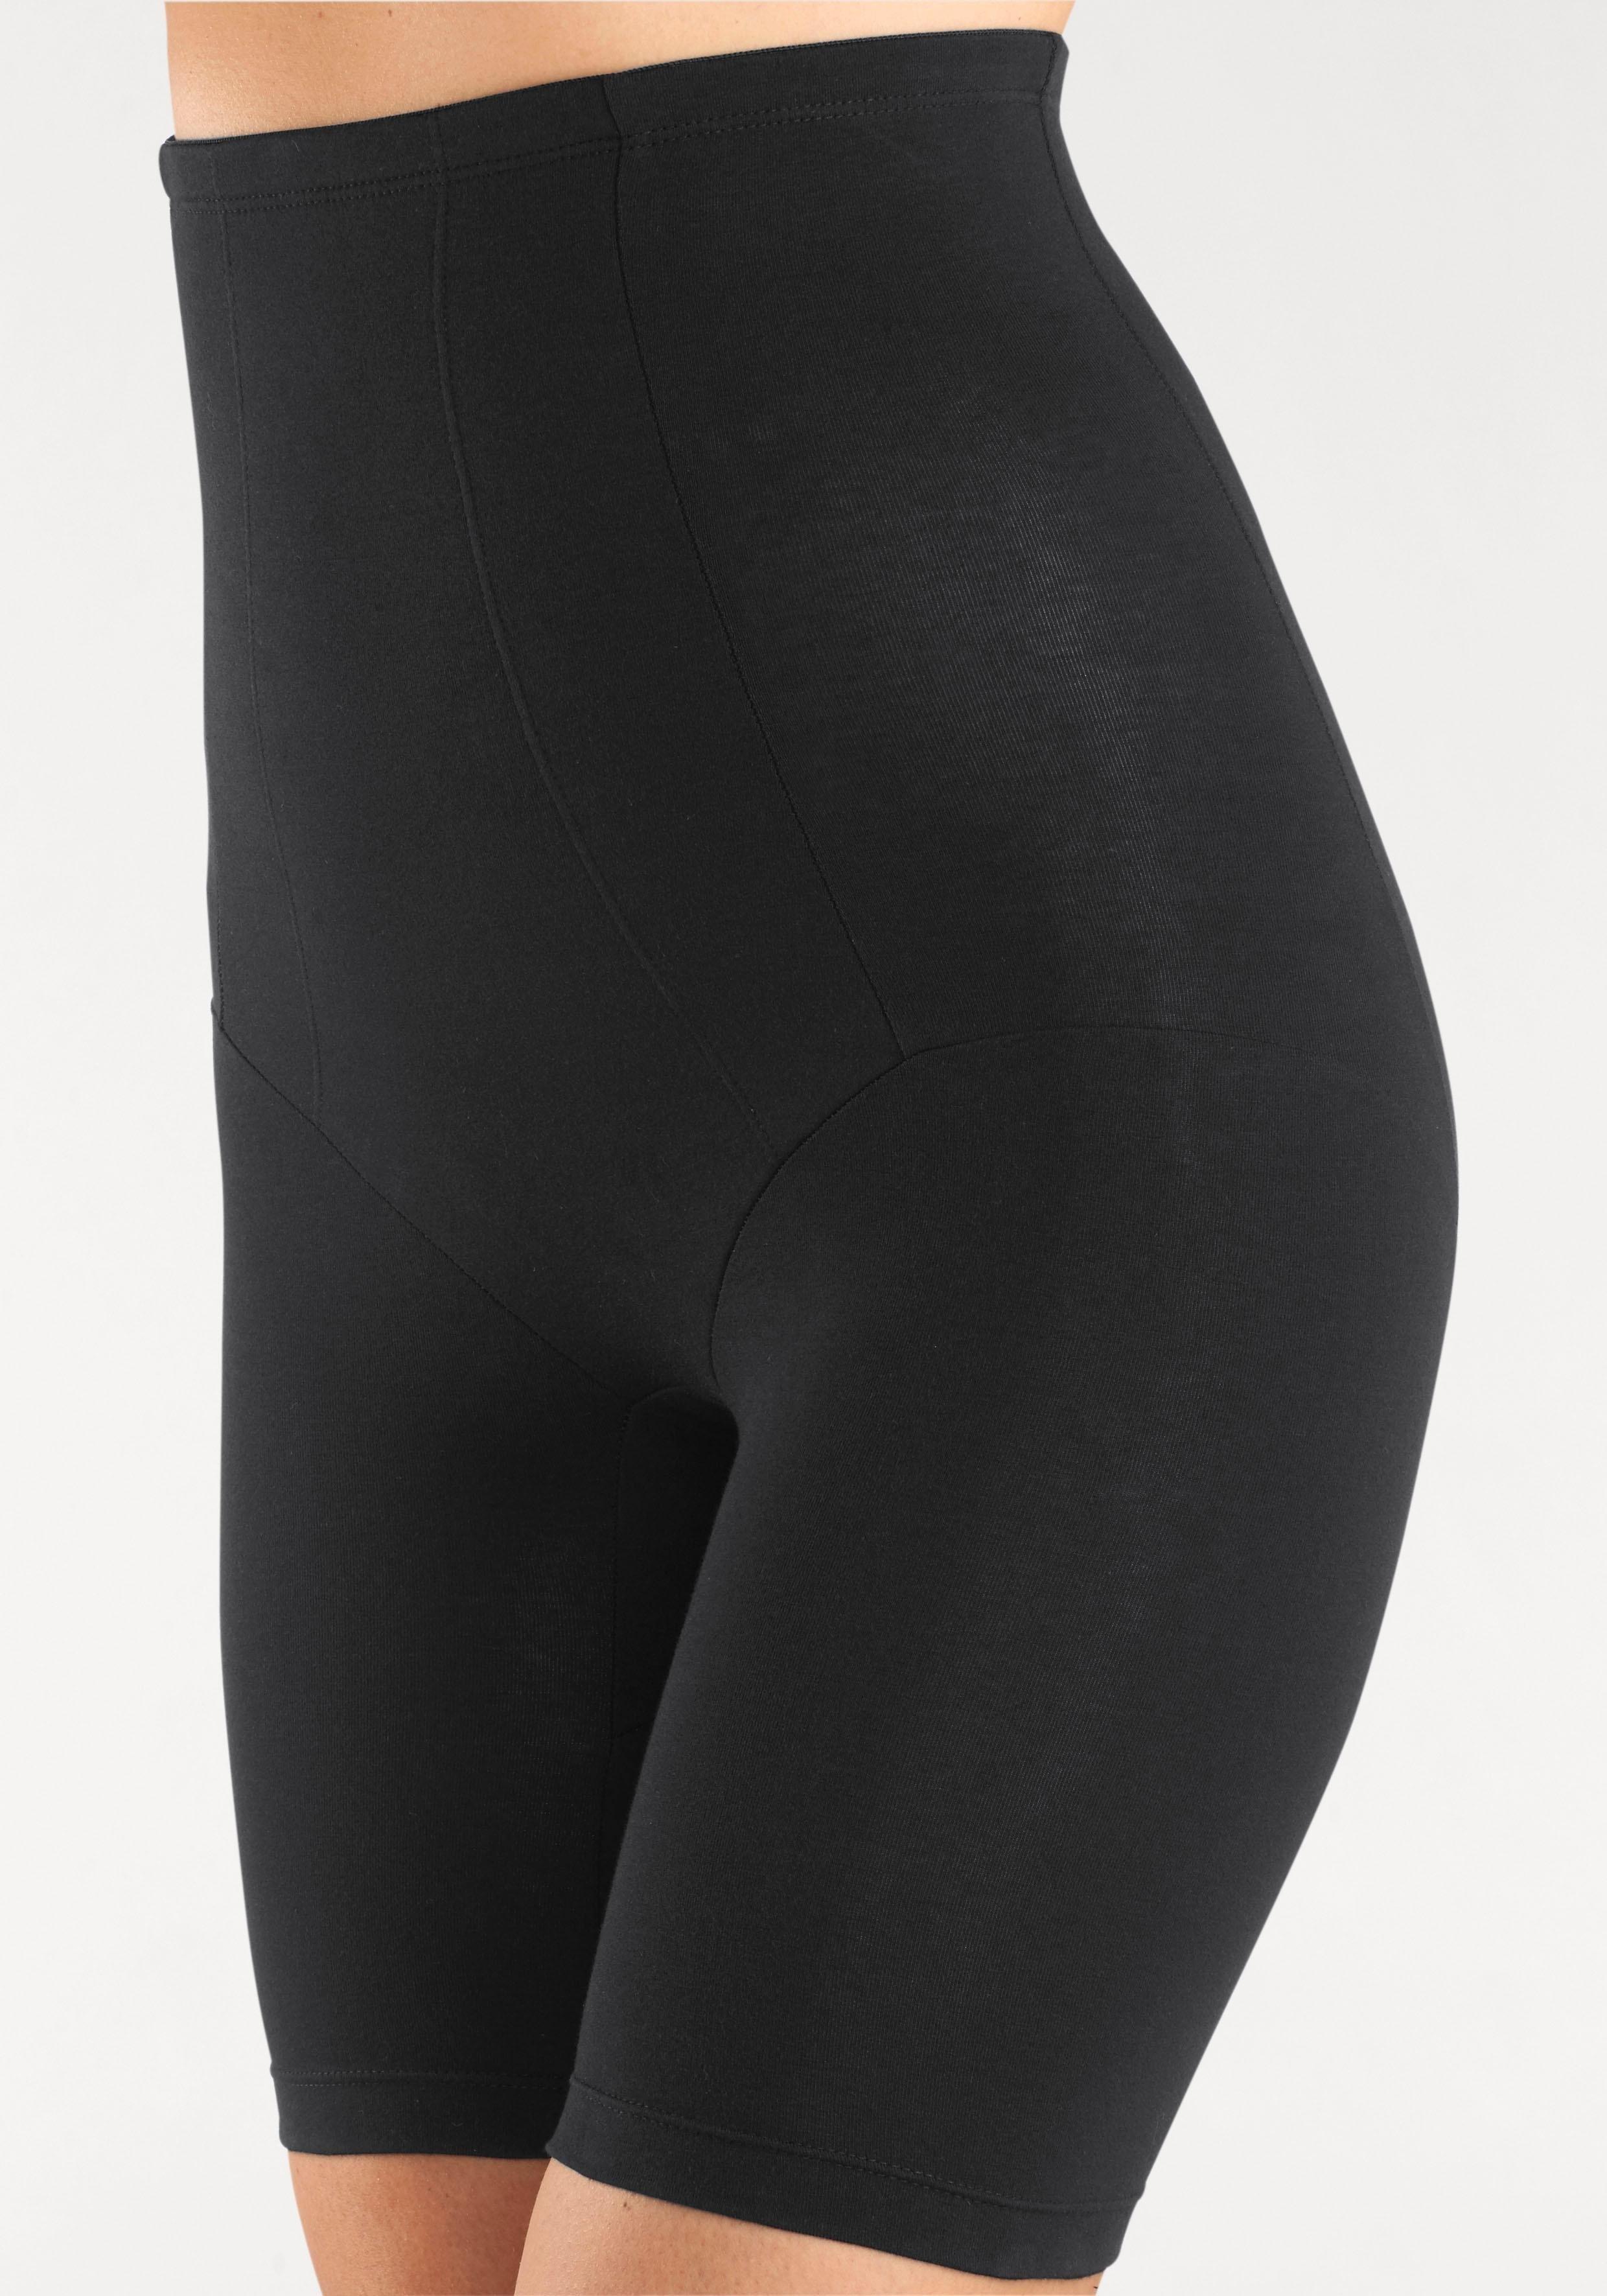 PETITE FLEUR taillehoge broek voordelig en veilig online kopen